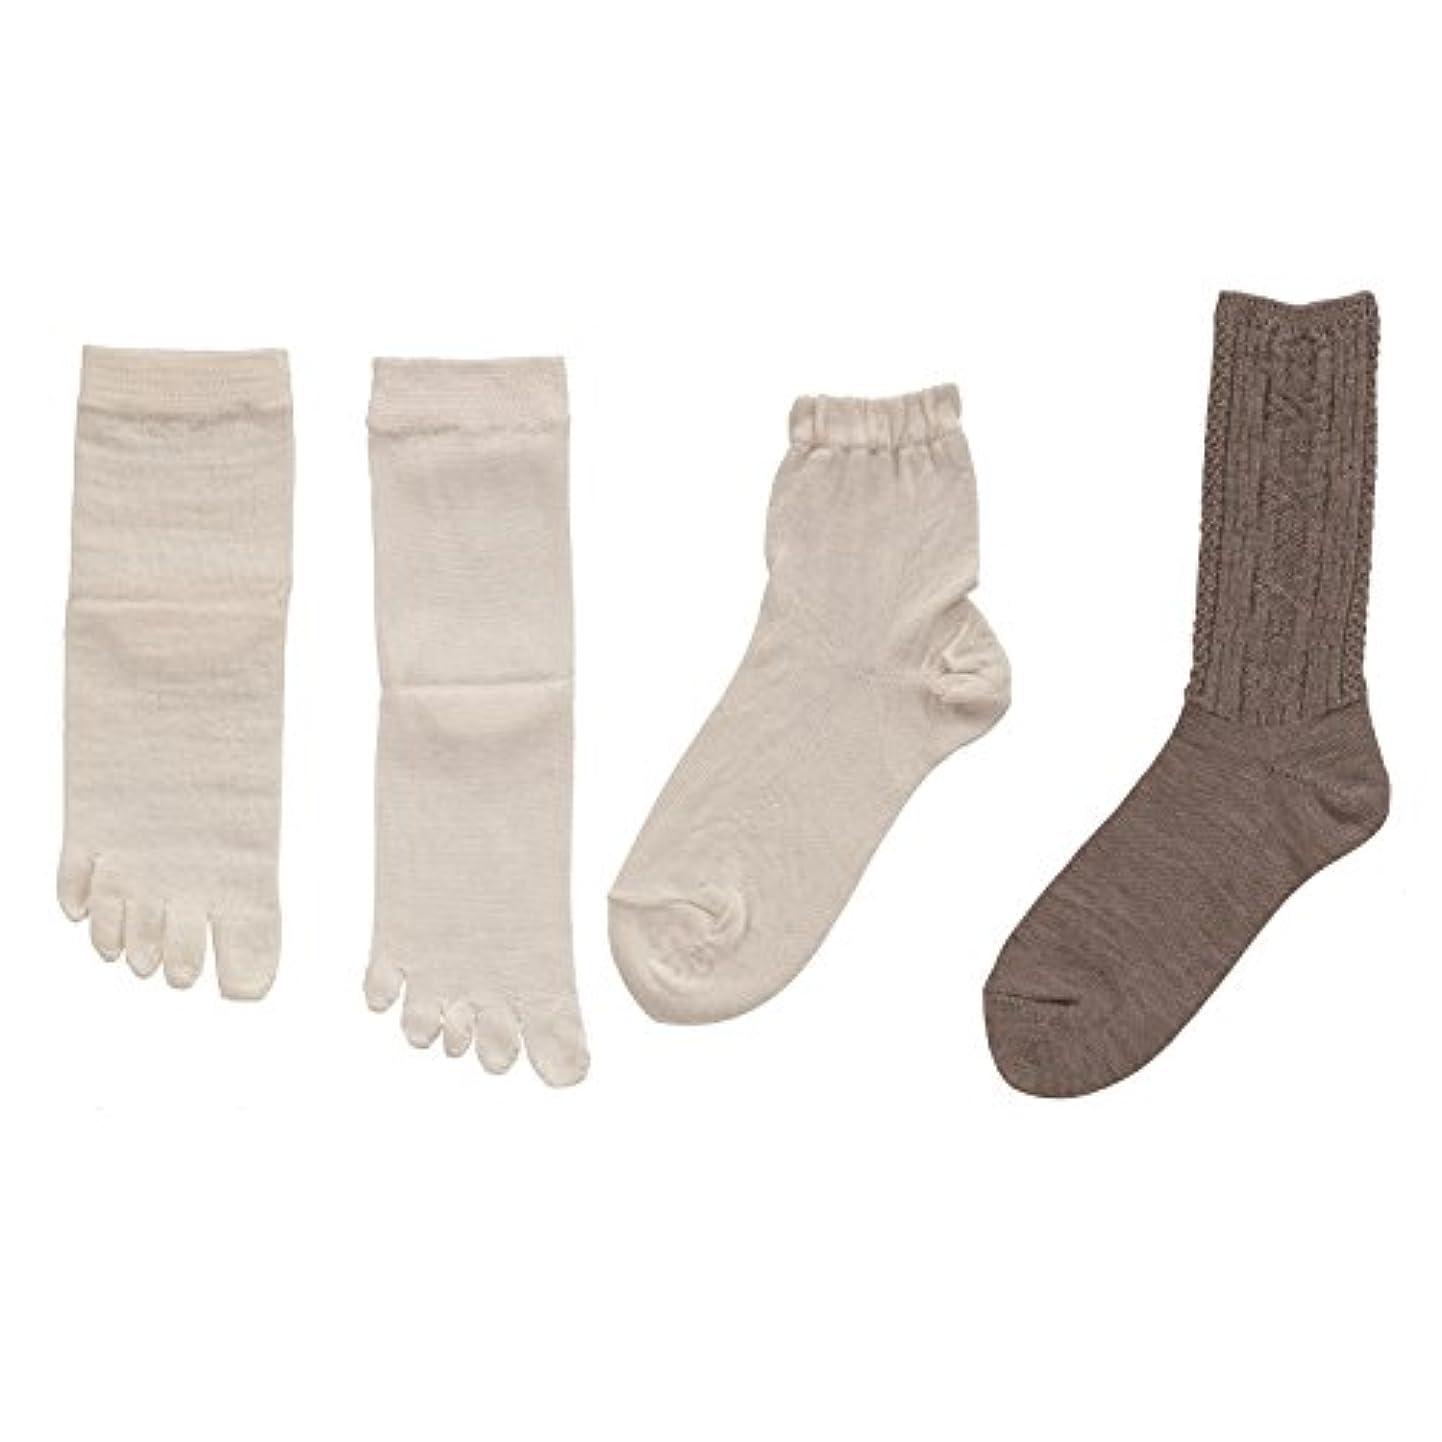 政治的なめらか現実的砂山靴下 TUMUGI 絹と毛の4枚重ね履き靴下 グレー